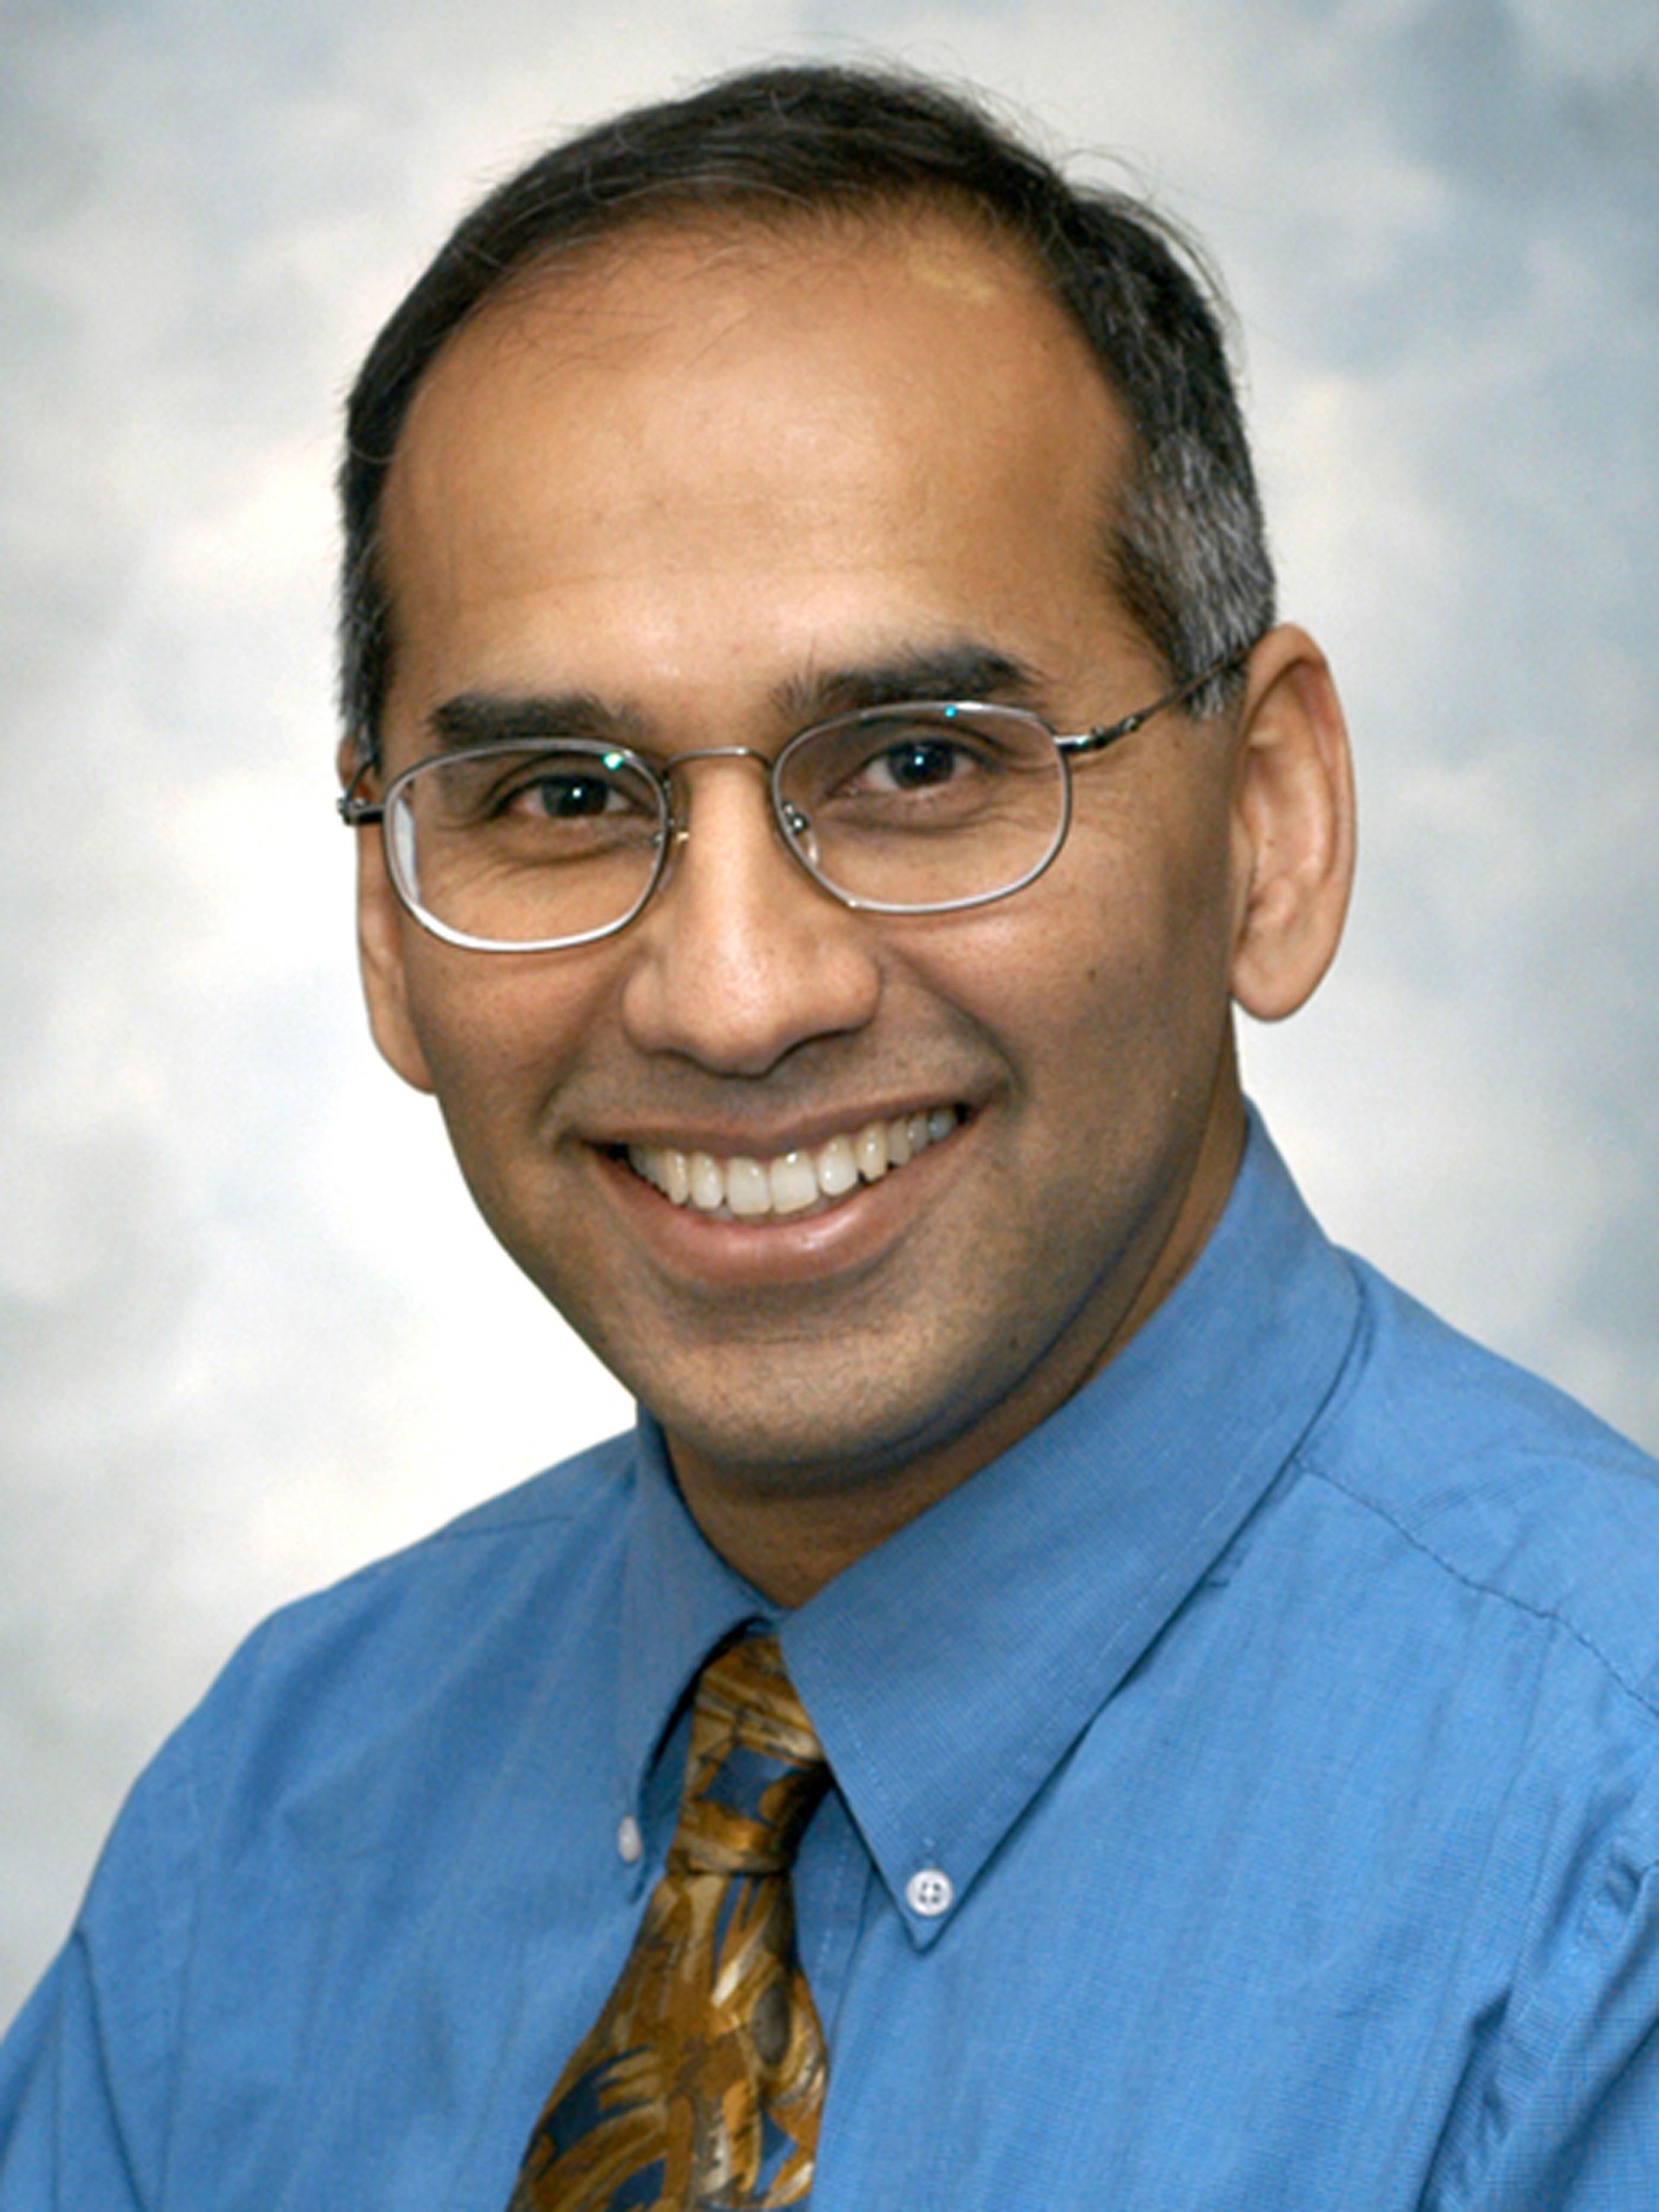 Syed A. Jamal Bokhari